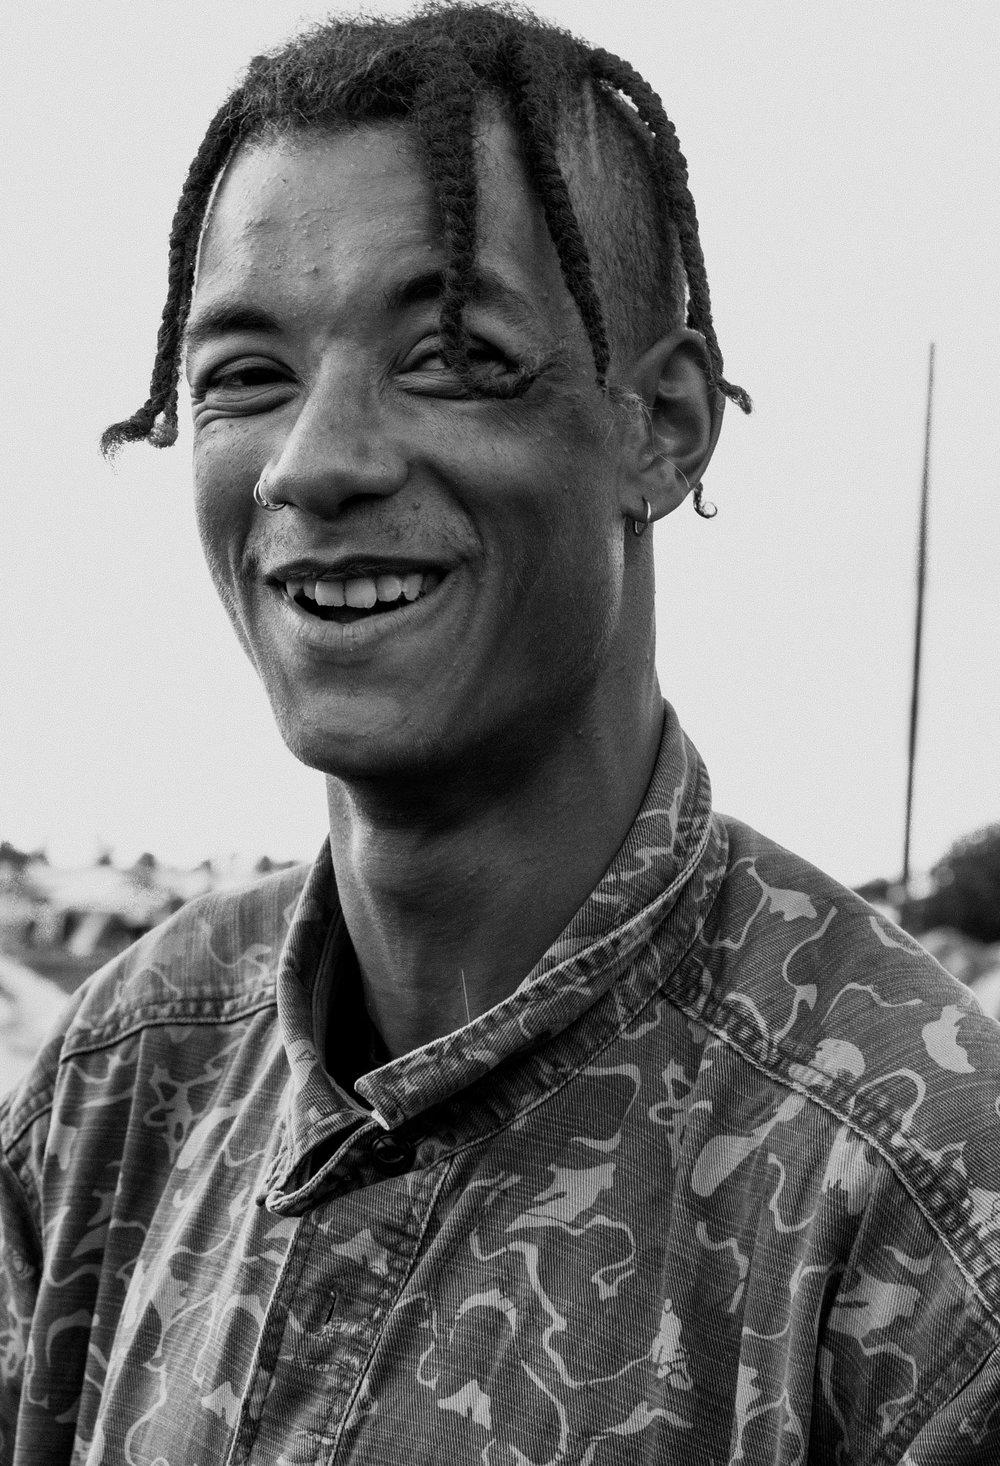 Uśmiechnięty czarnoskóry mężczyzna